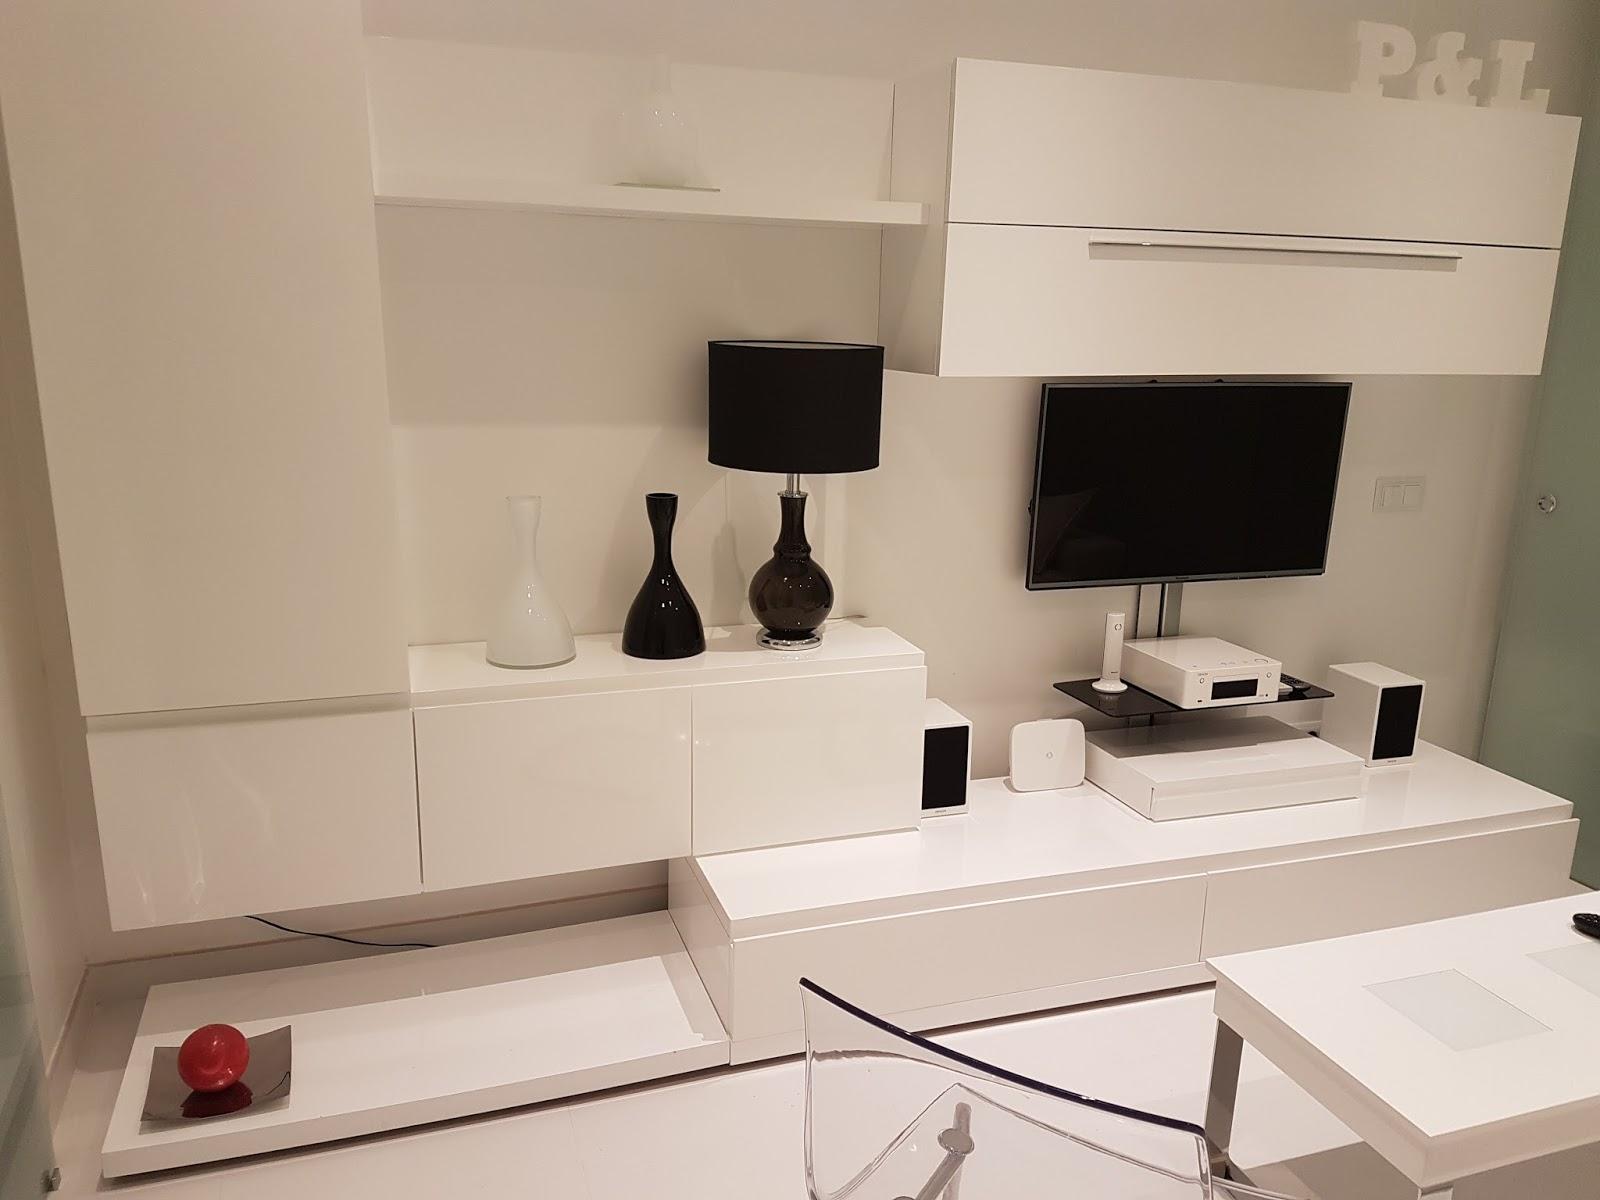 Carissa muebles a medida en madrid ba os cocinas - Fabricantes de muebles en madrid ...